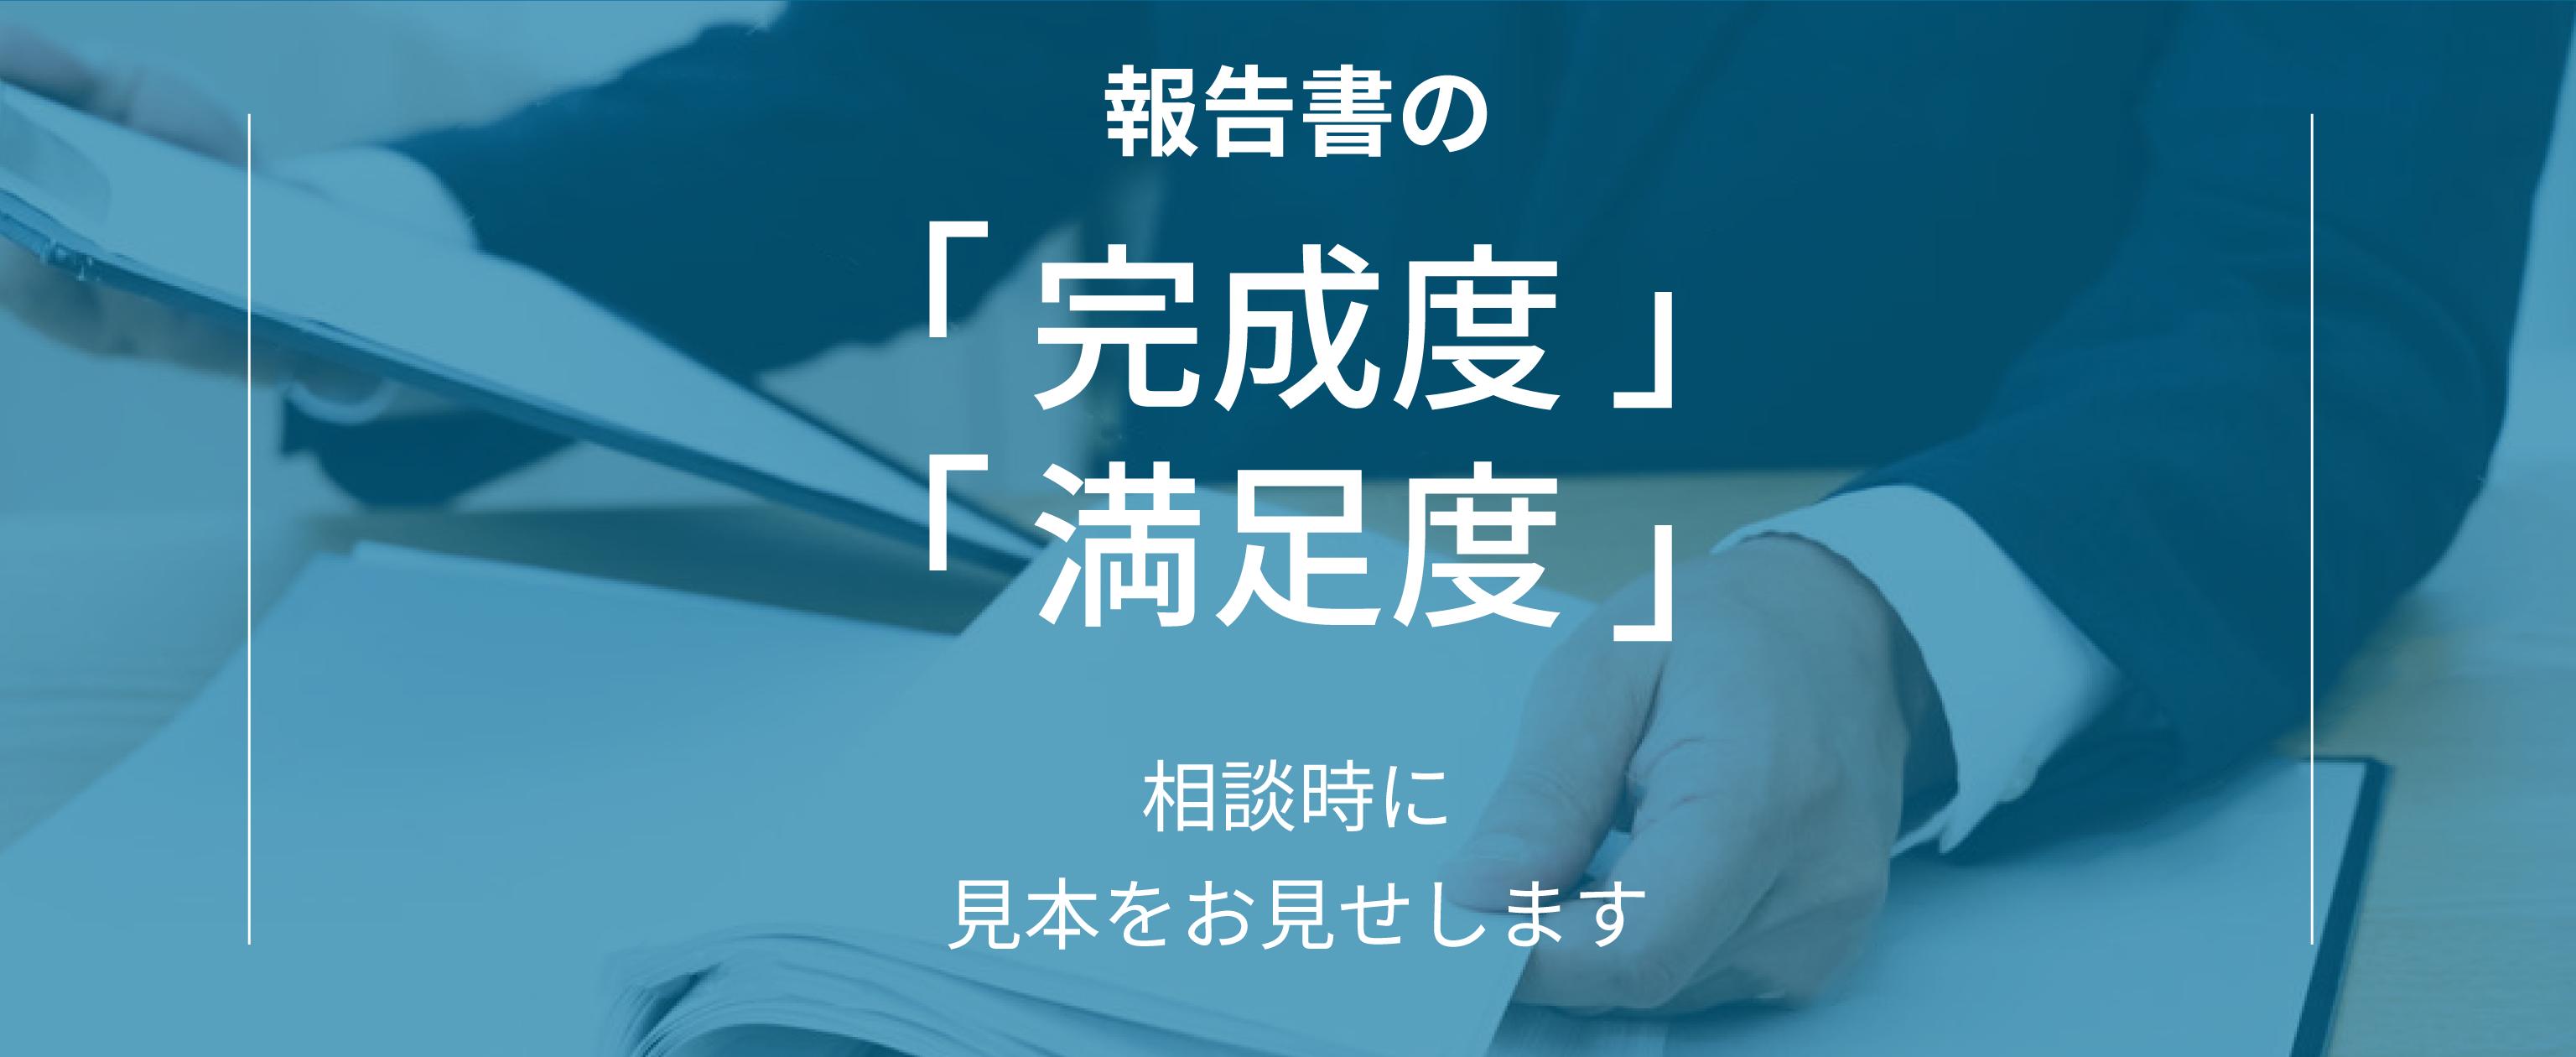 第2スライド